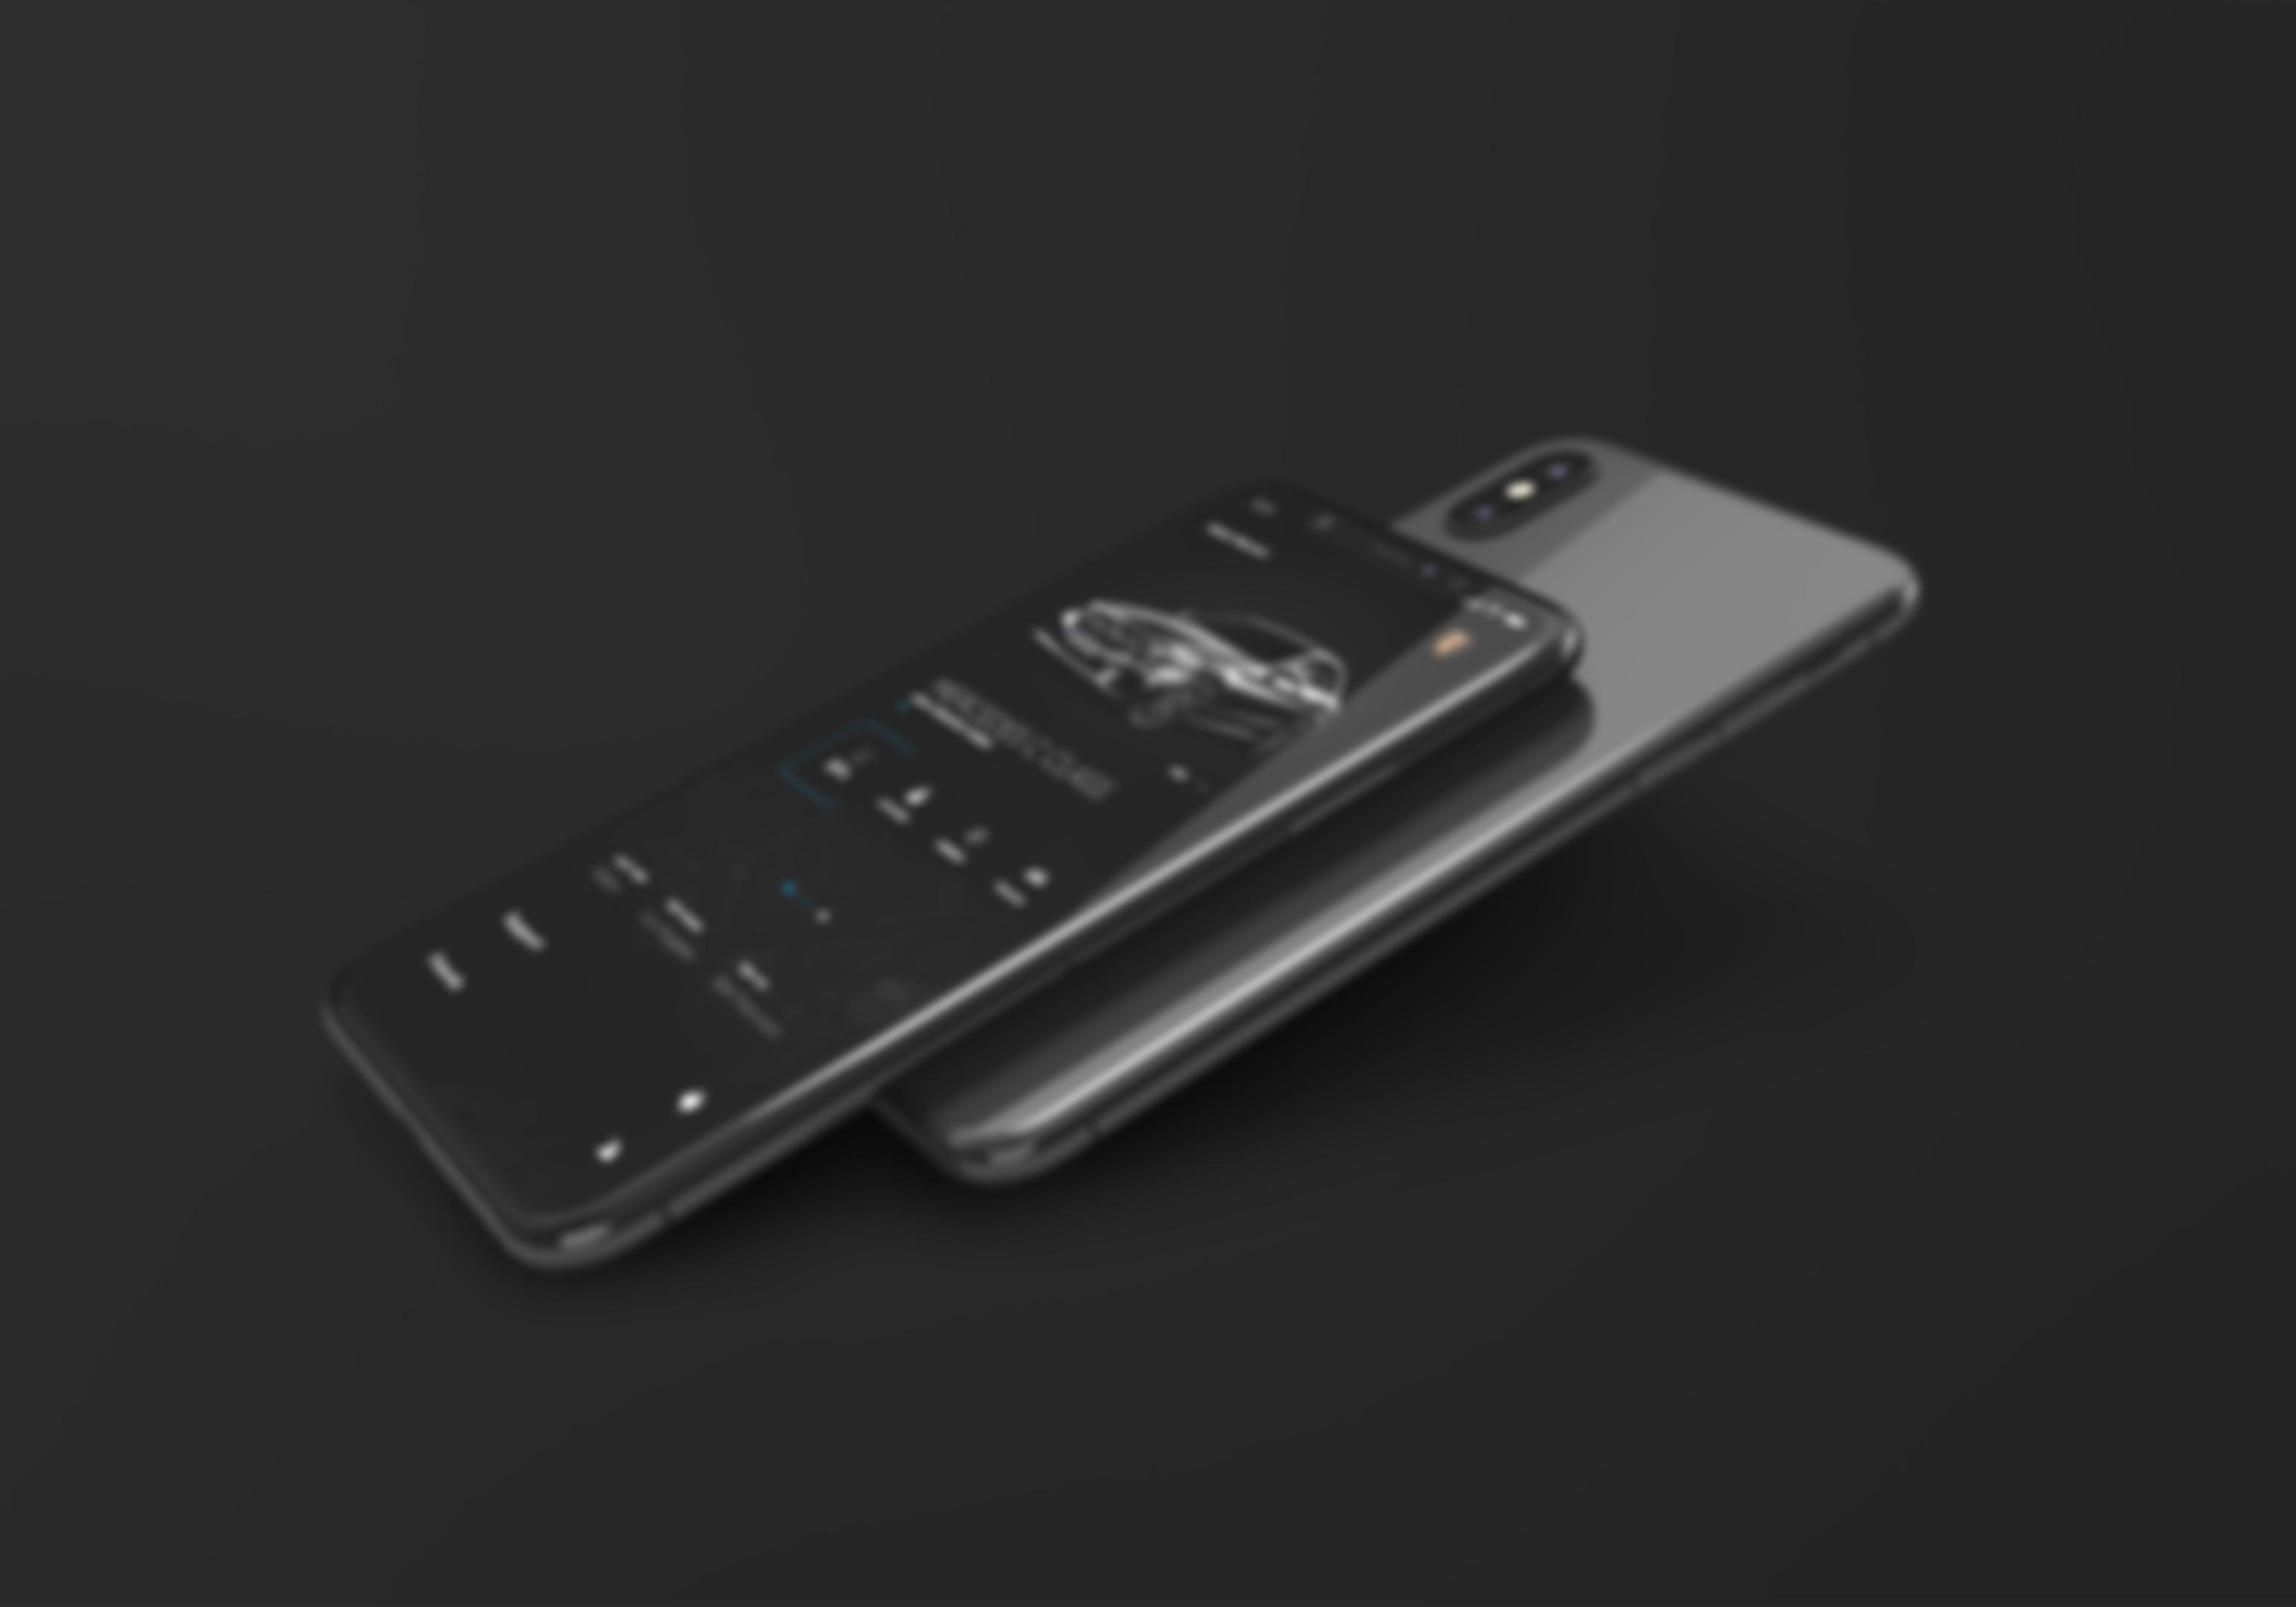 Grafika przedstawiająca dwa smartfony